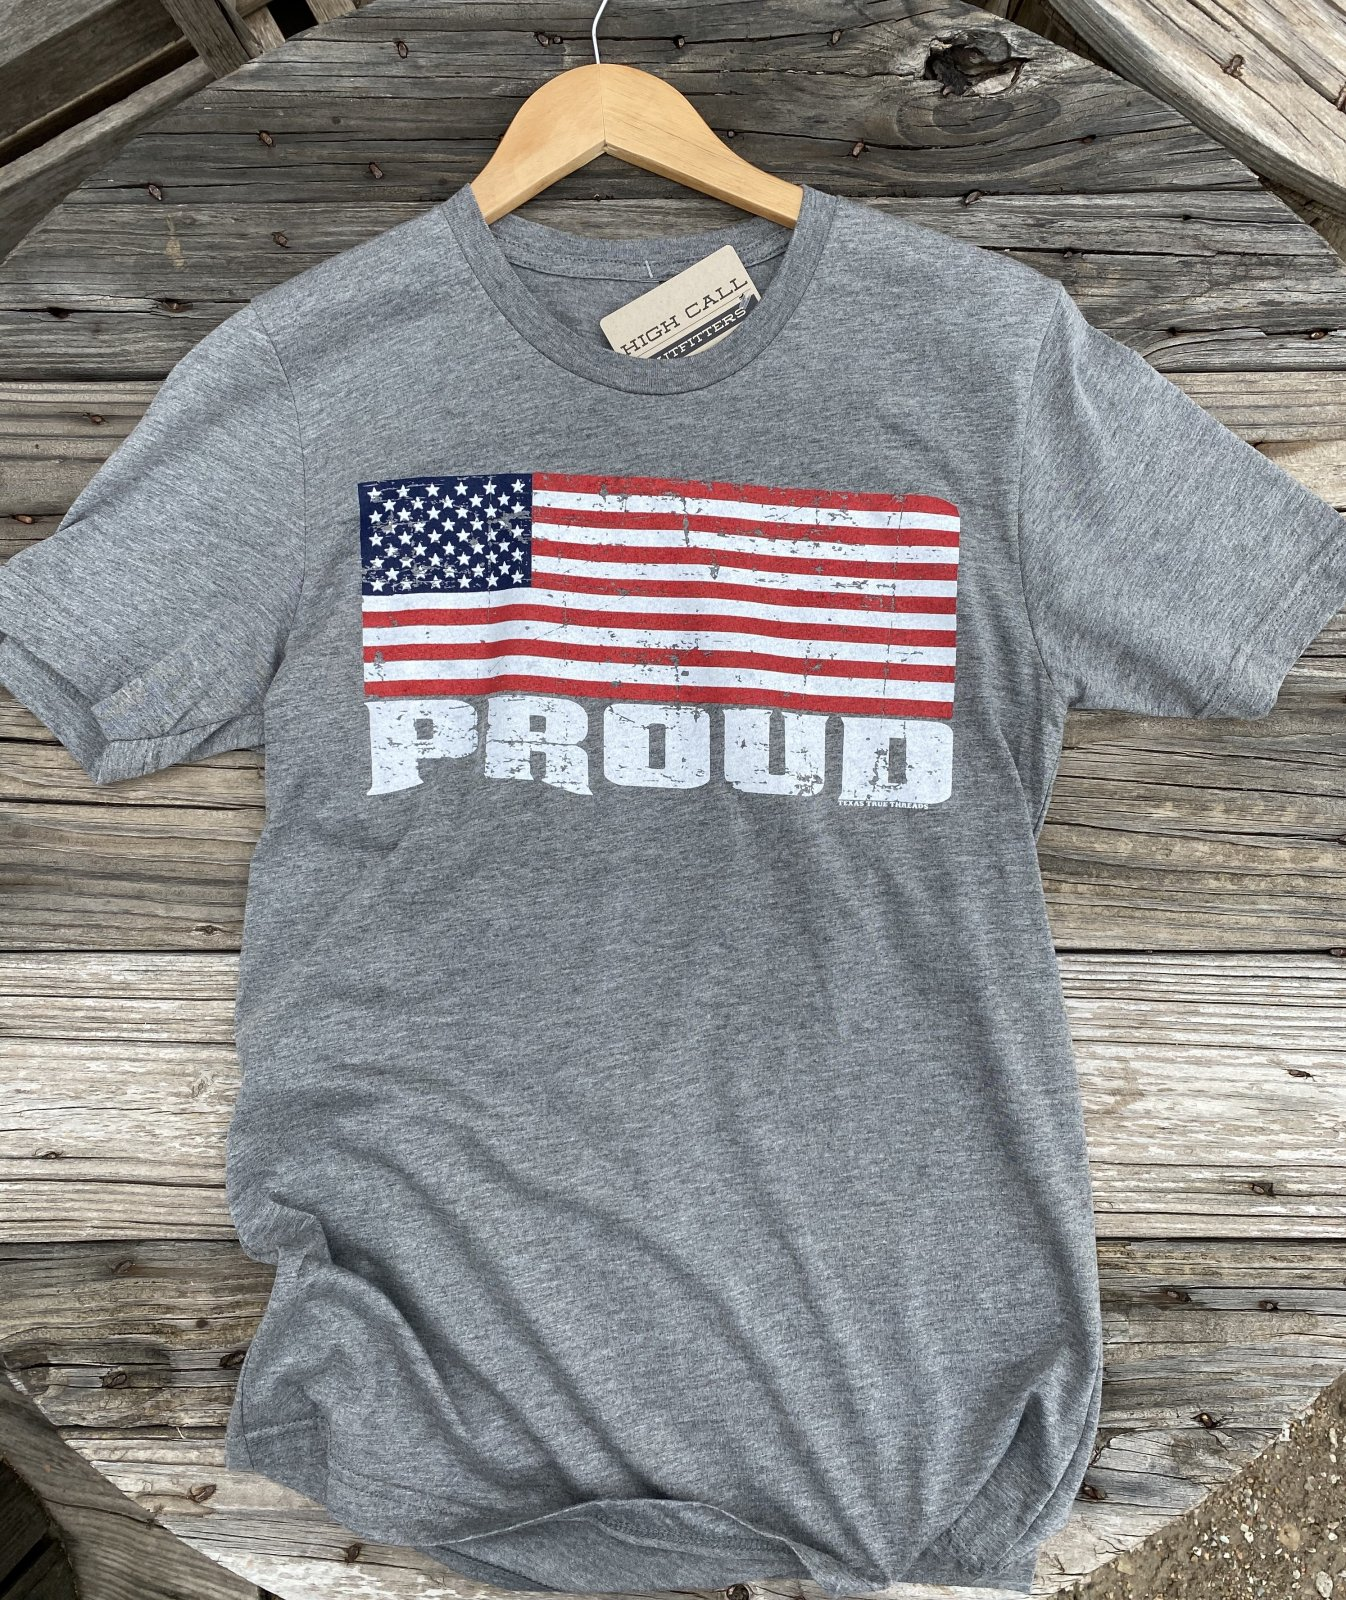 America Proud Graphic Tee